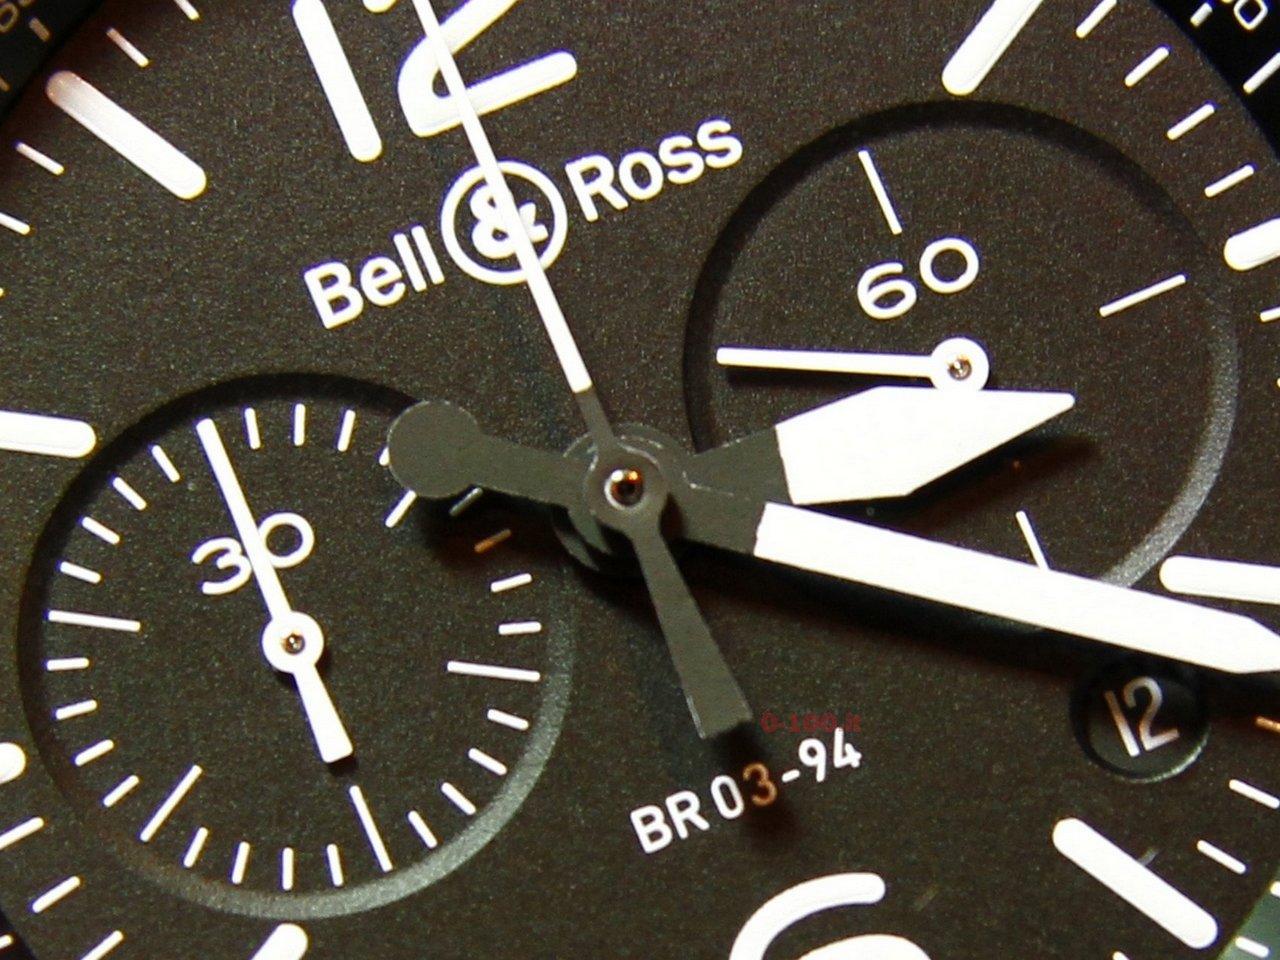 baselworld-2015_bell-ross_BR03-94-black-matte-chronograph-0-100-6